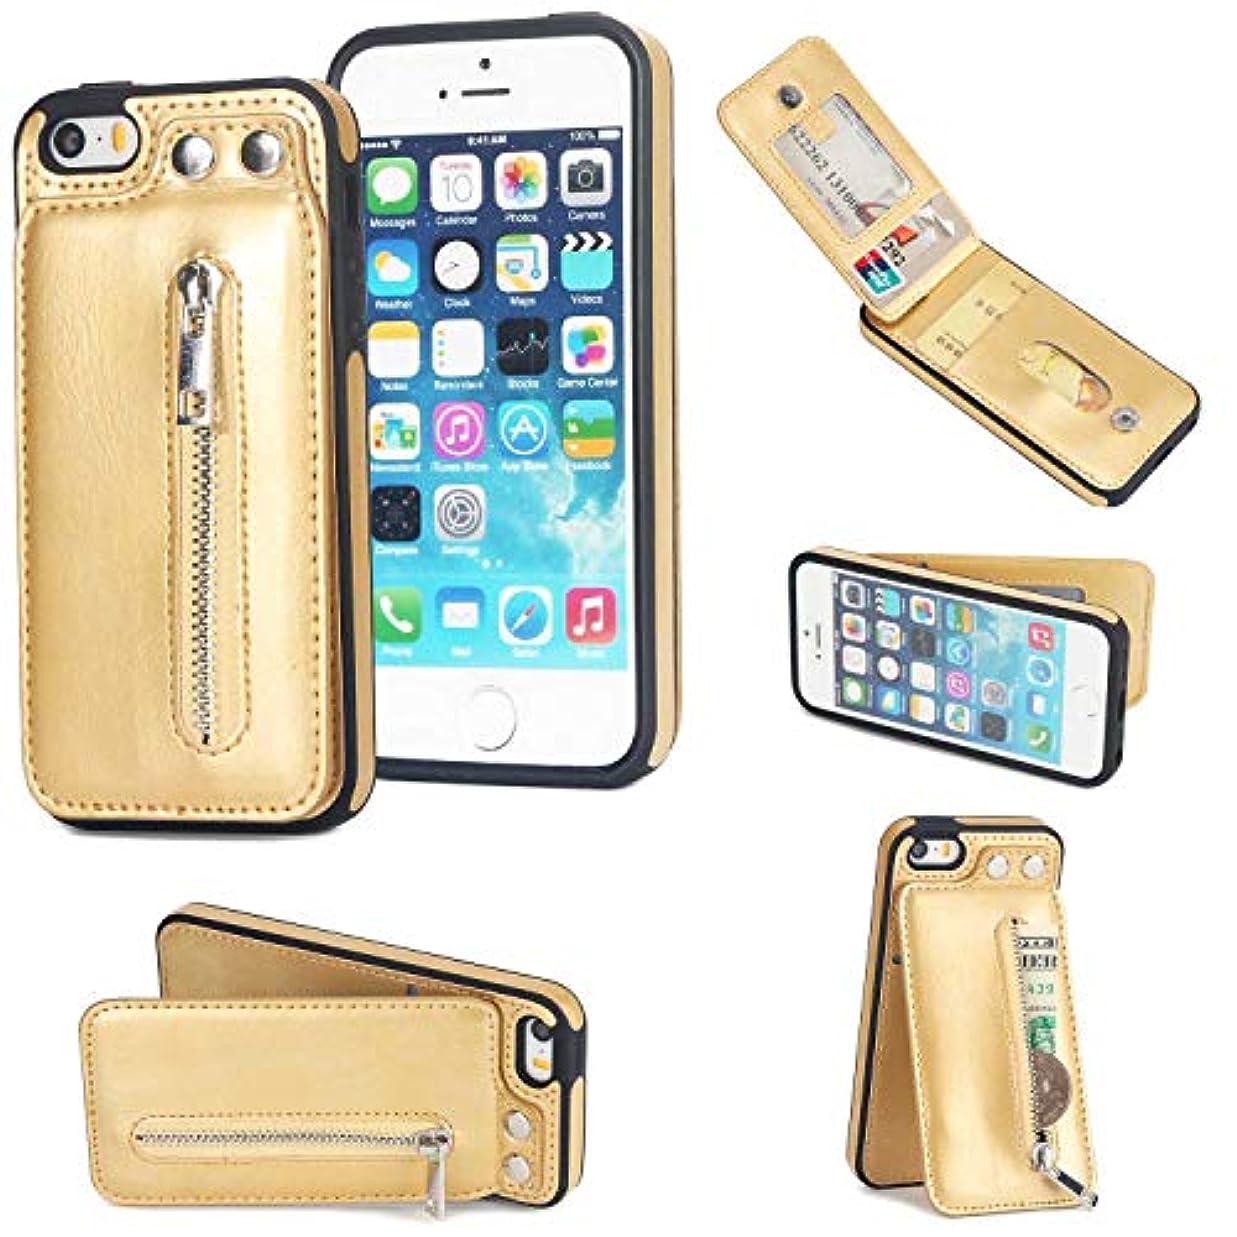 病リラックス揃えるiPhone SE/iPhone 5 / iPhone 5s ケース 手帳型 磁気吸着 PUレザー バックケース 脱着簡単 Zeebox® iPhone SE/iPhone 5 / iPhone 5s 全面保護 スタンド...